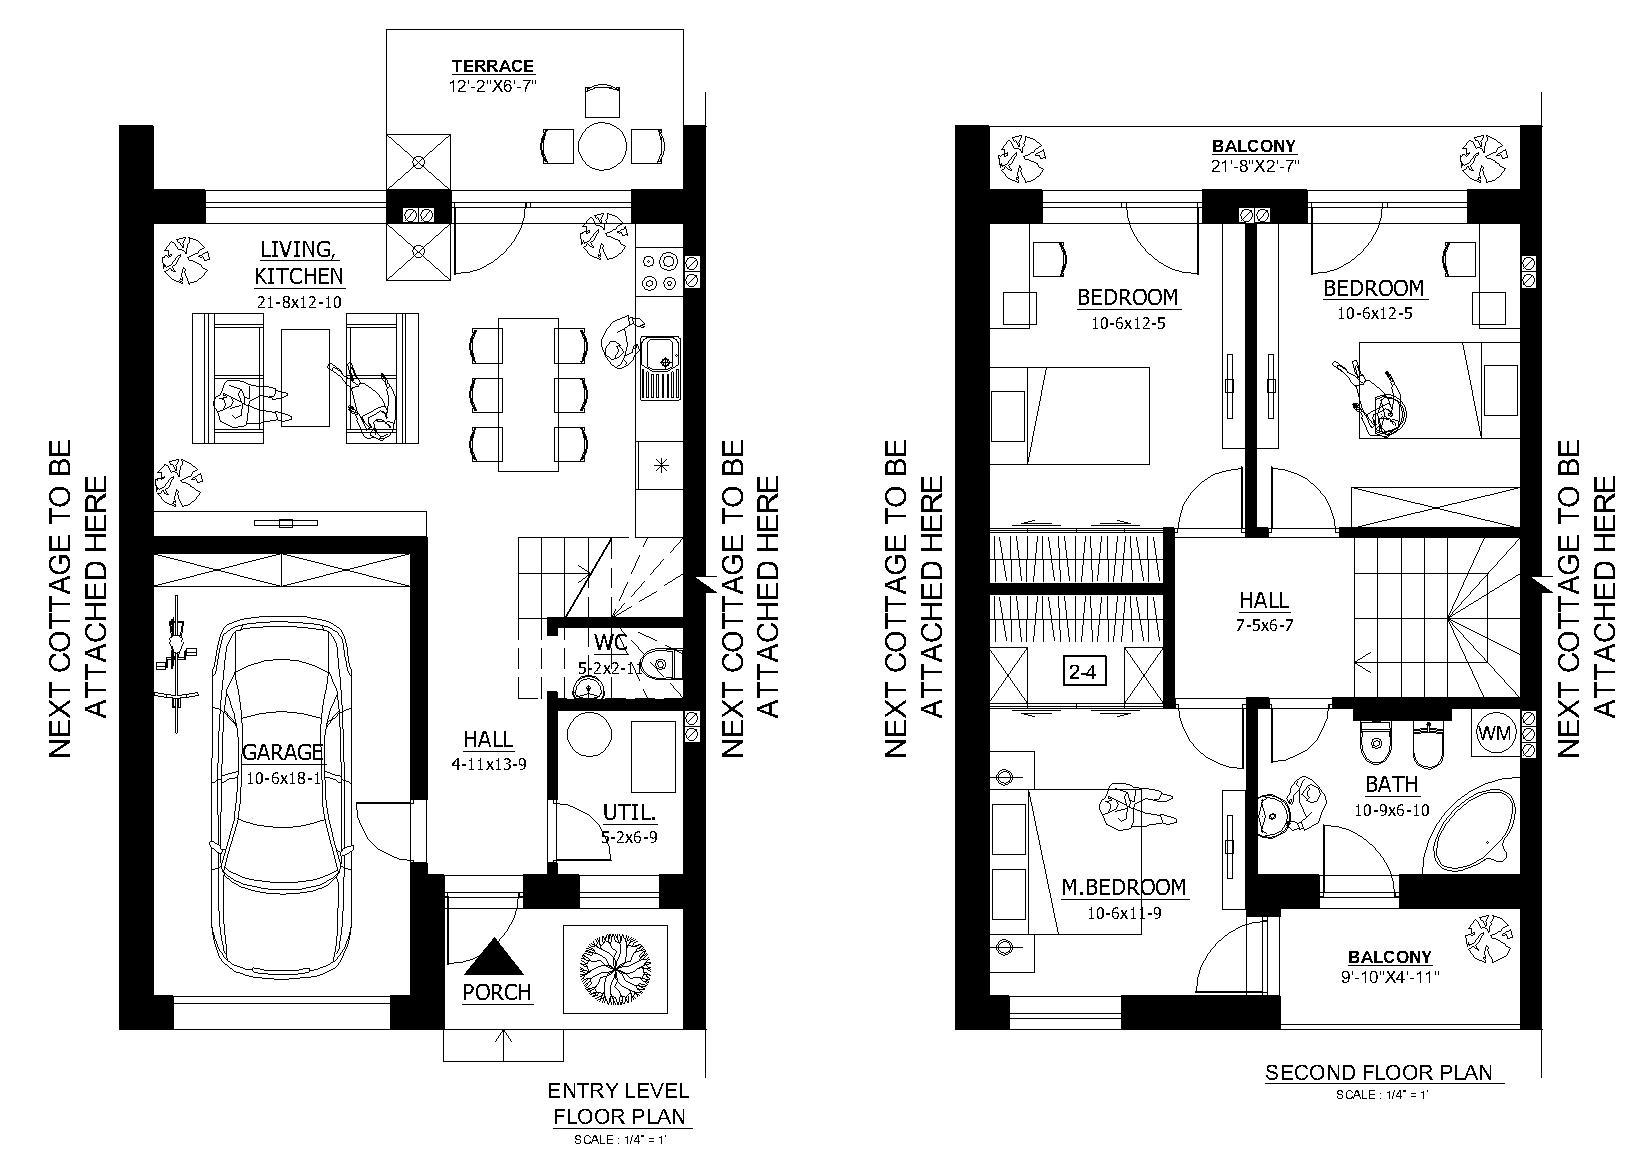 Plano de casa de 2 pisos con garaje y 3 dormitorios for Planos de casas de 2 pisos